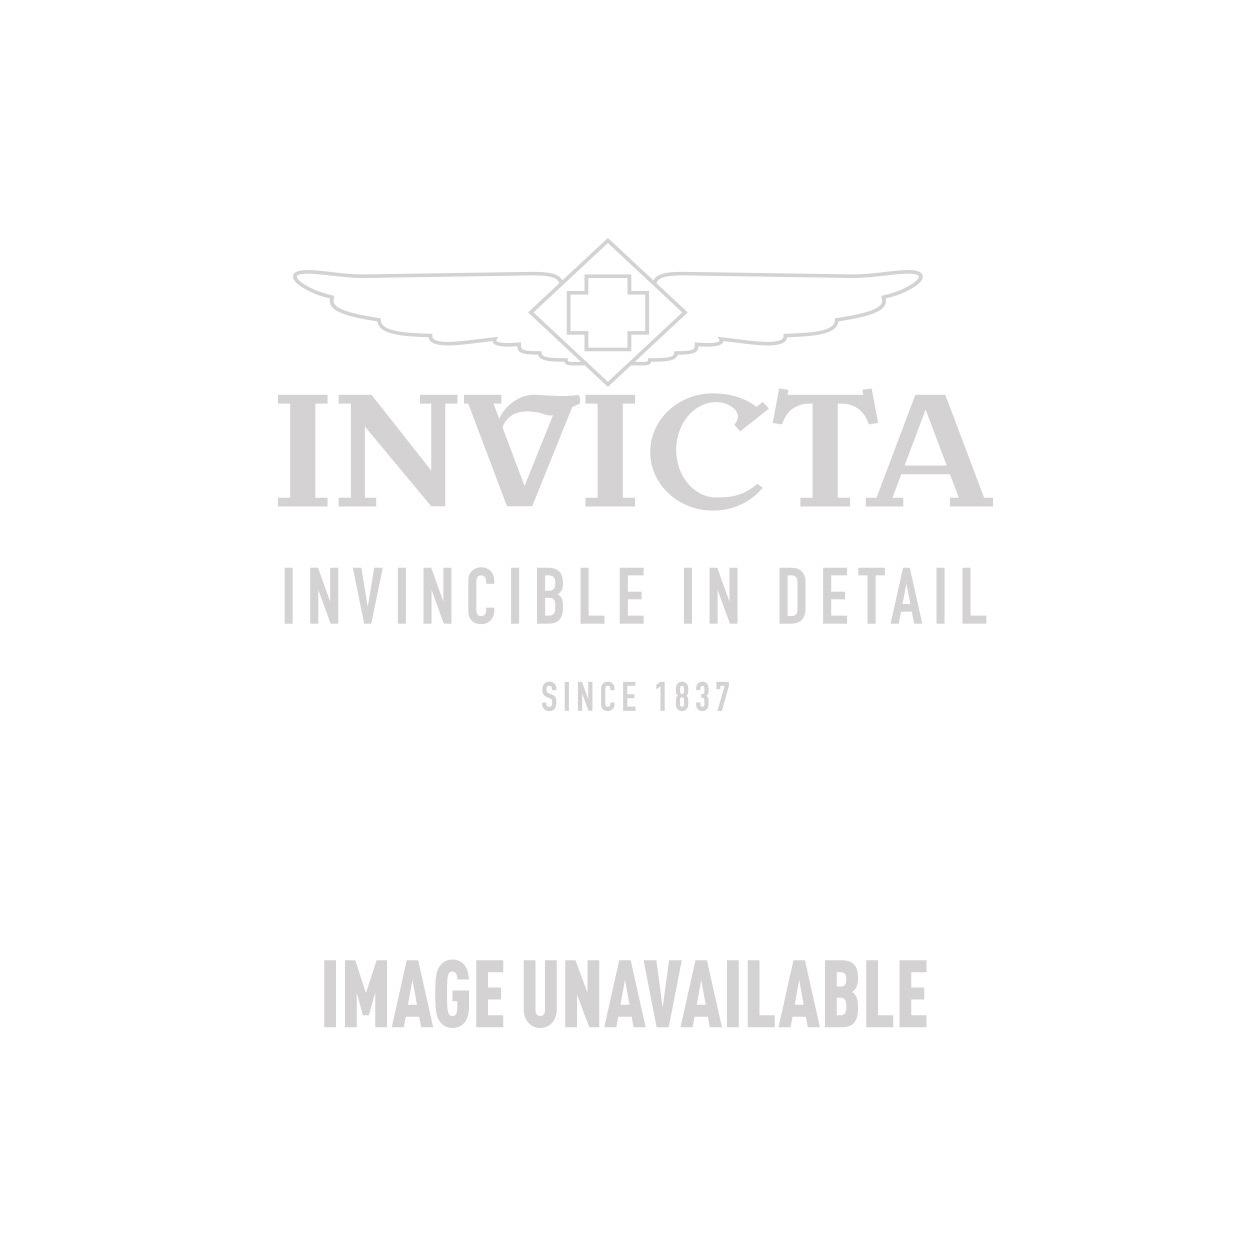 Invicta Model 28111